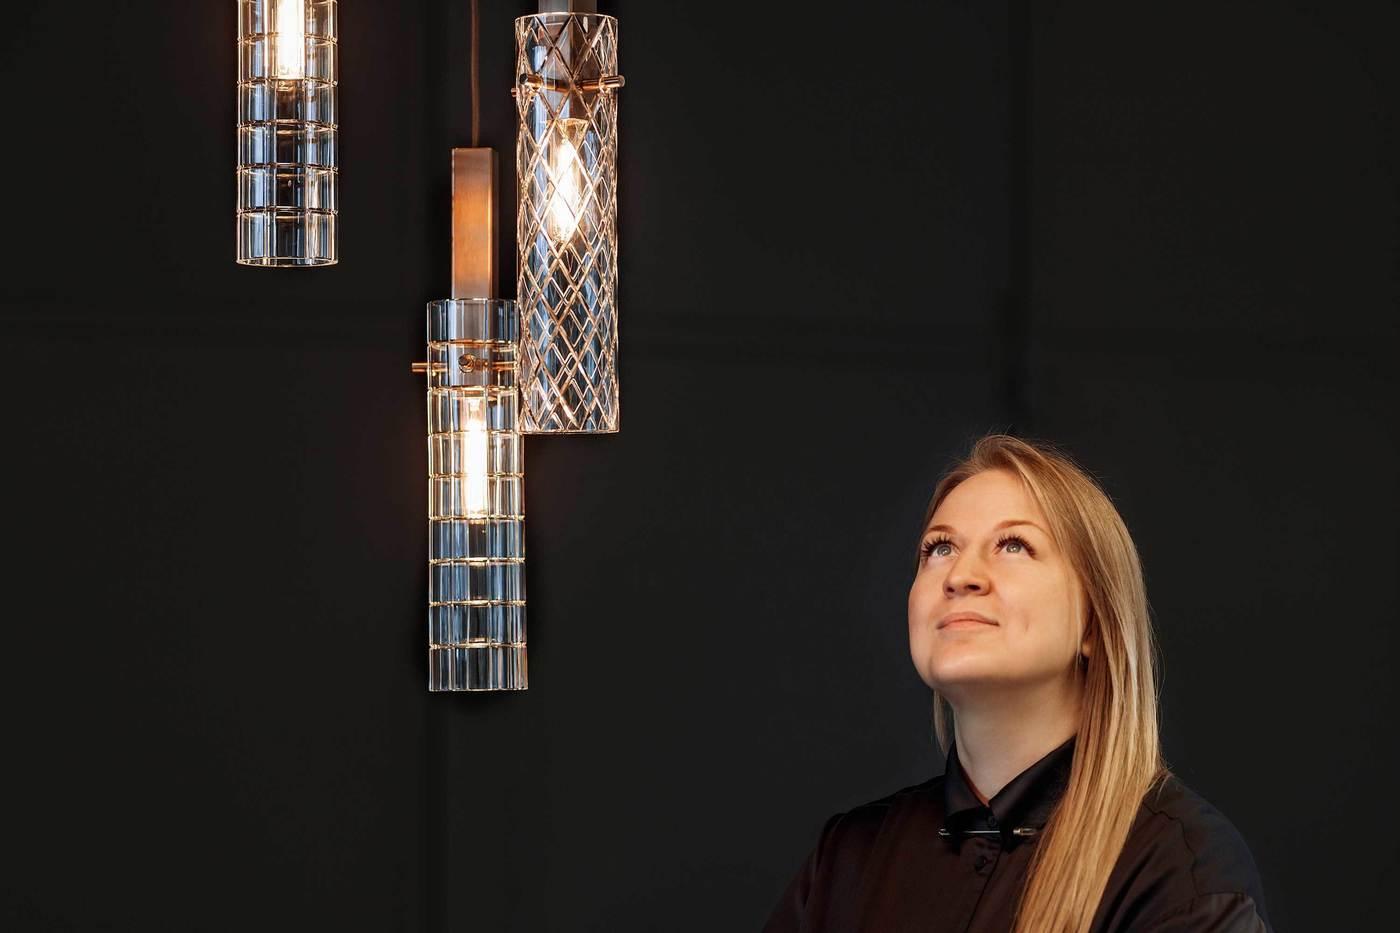 Ведущий российский предметны дизайнер Екатерина Елизарова и её авторские светильники Geometric